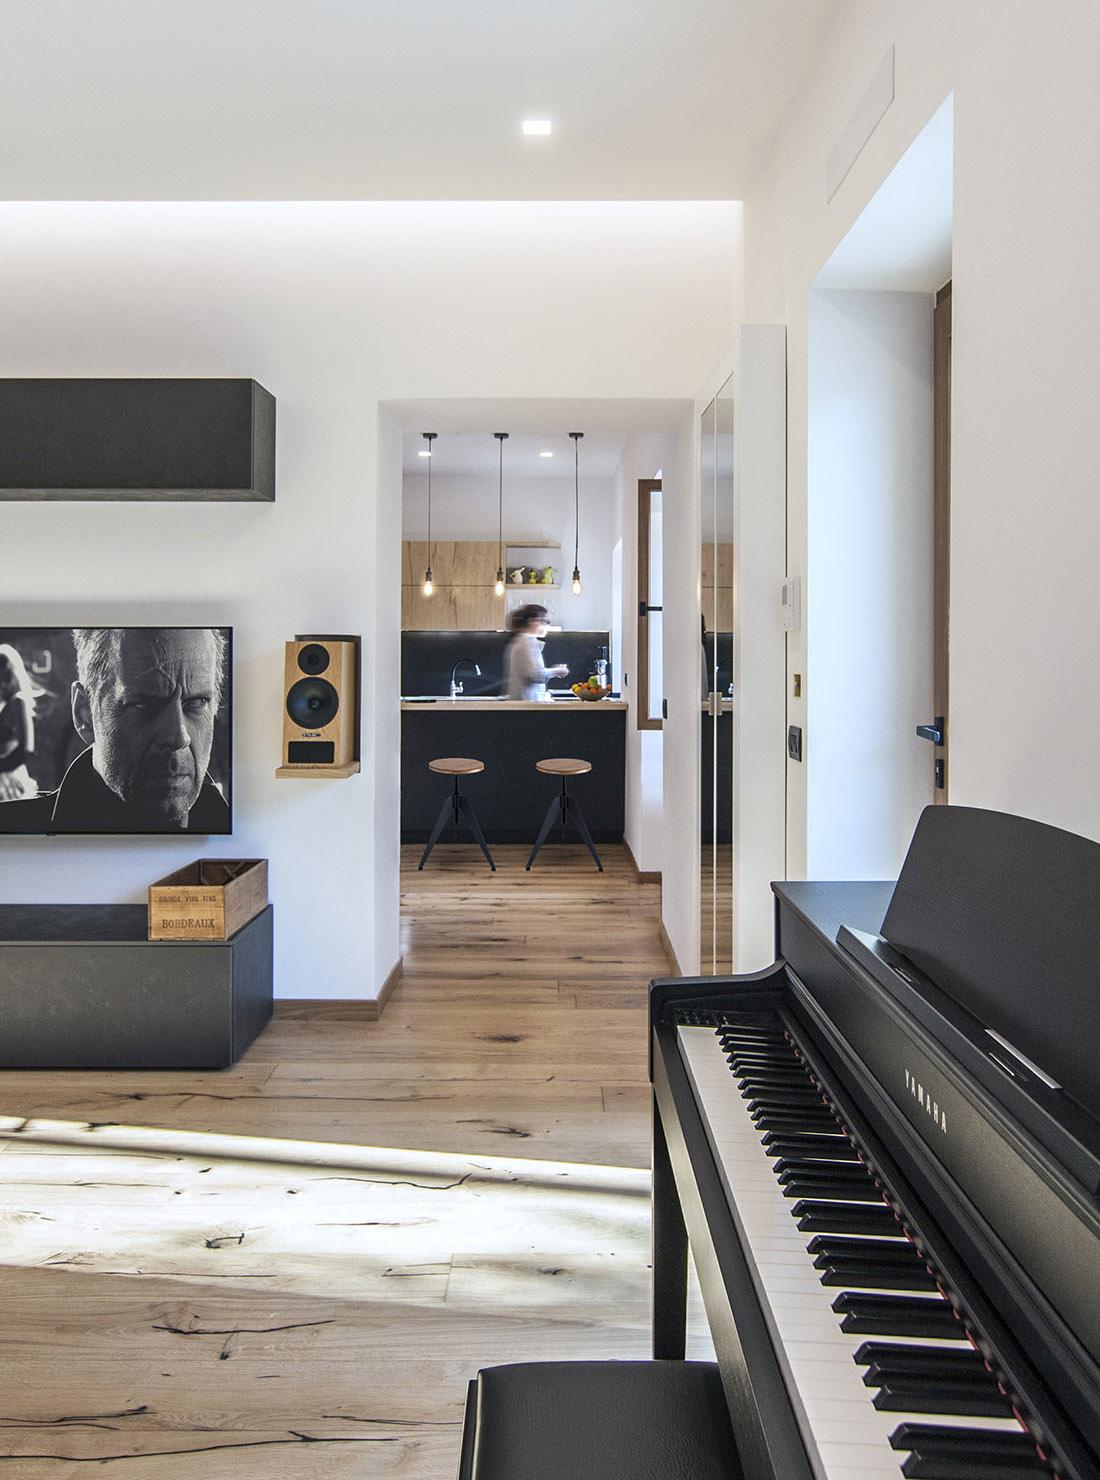 casa-tao-napoli-tufo-a-vista-recupero-moderno-pucciarelli-architetti-pianoforte-soggiorno